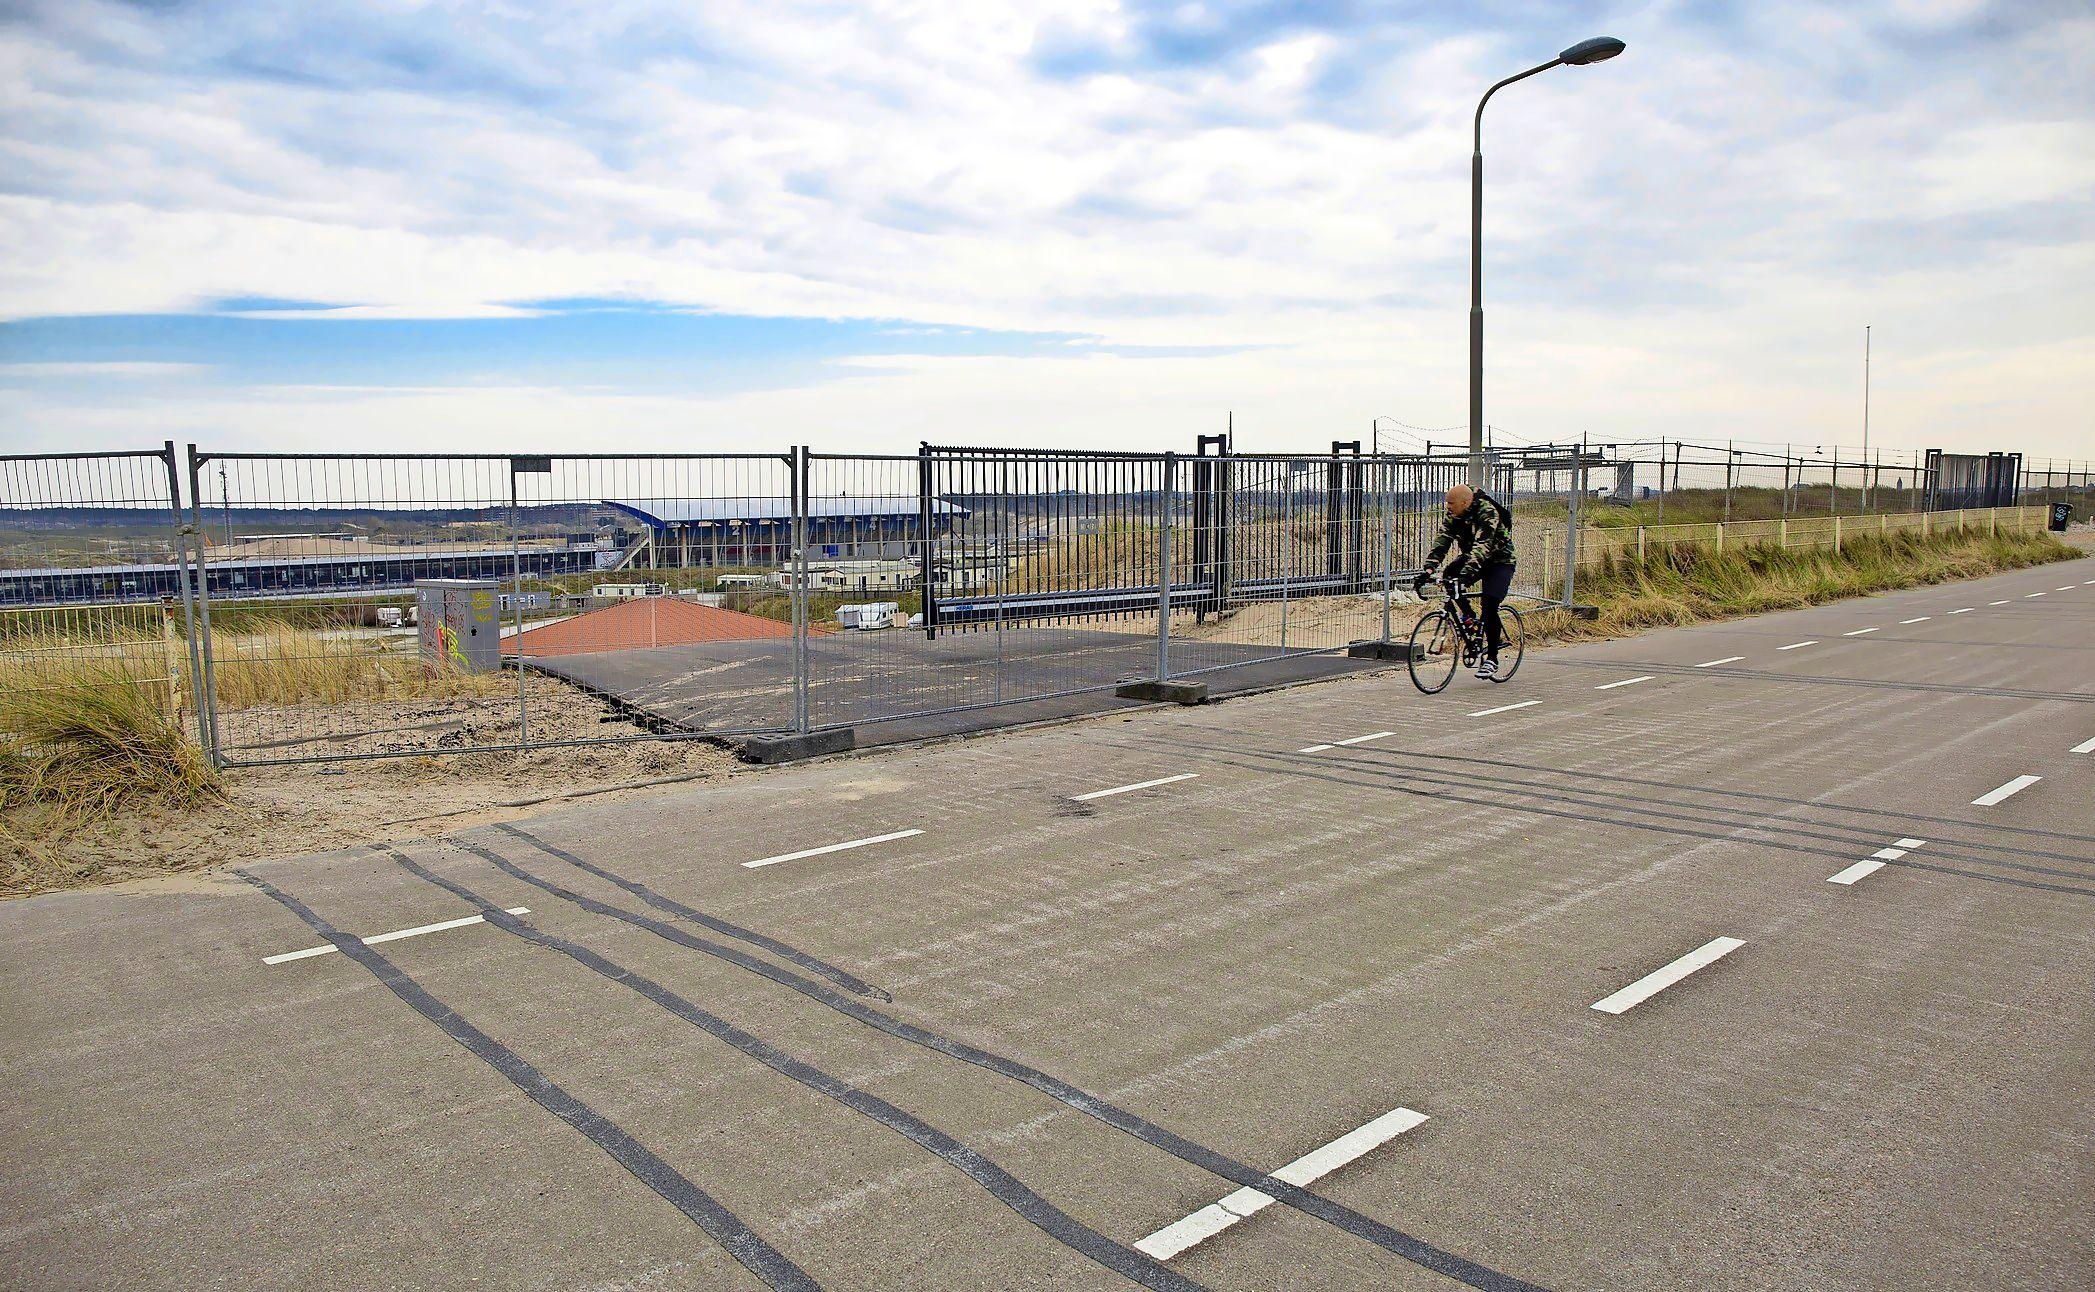 Weer consternatie over extra toegangsweg circuit Zandvoort 'Zowat elk document over deze weg is geheim'